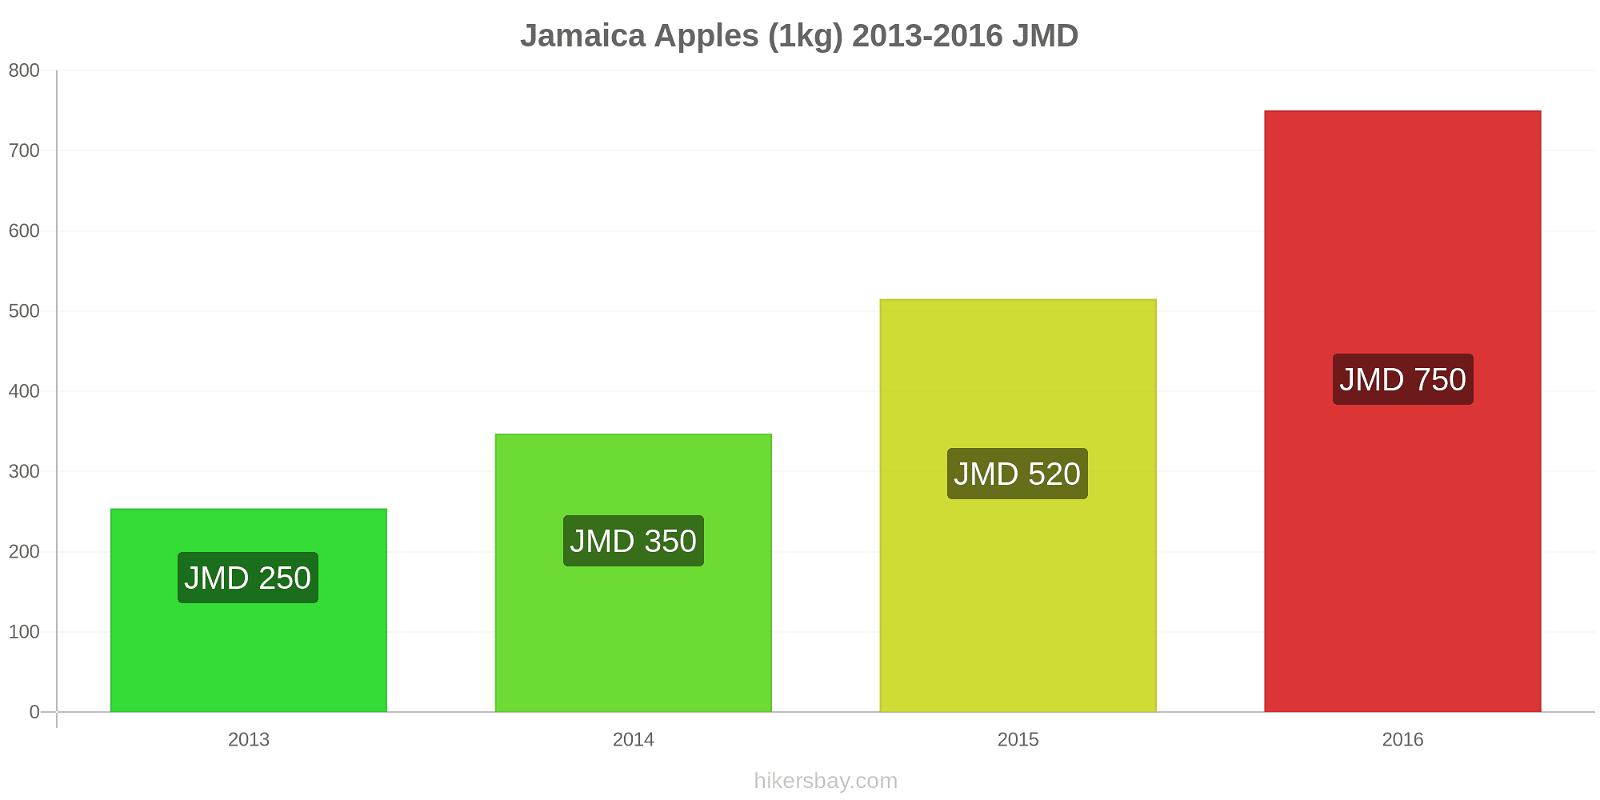 Jamaica price changes Apples (1kg) hikersbay.com